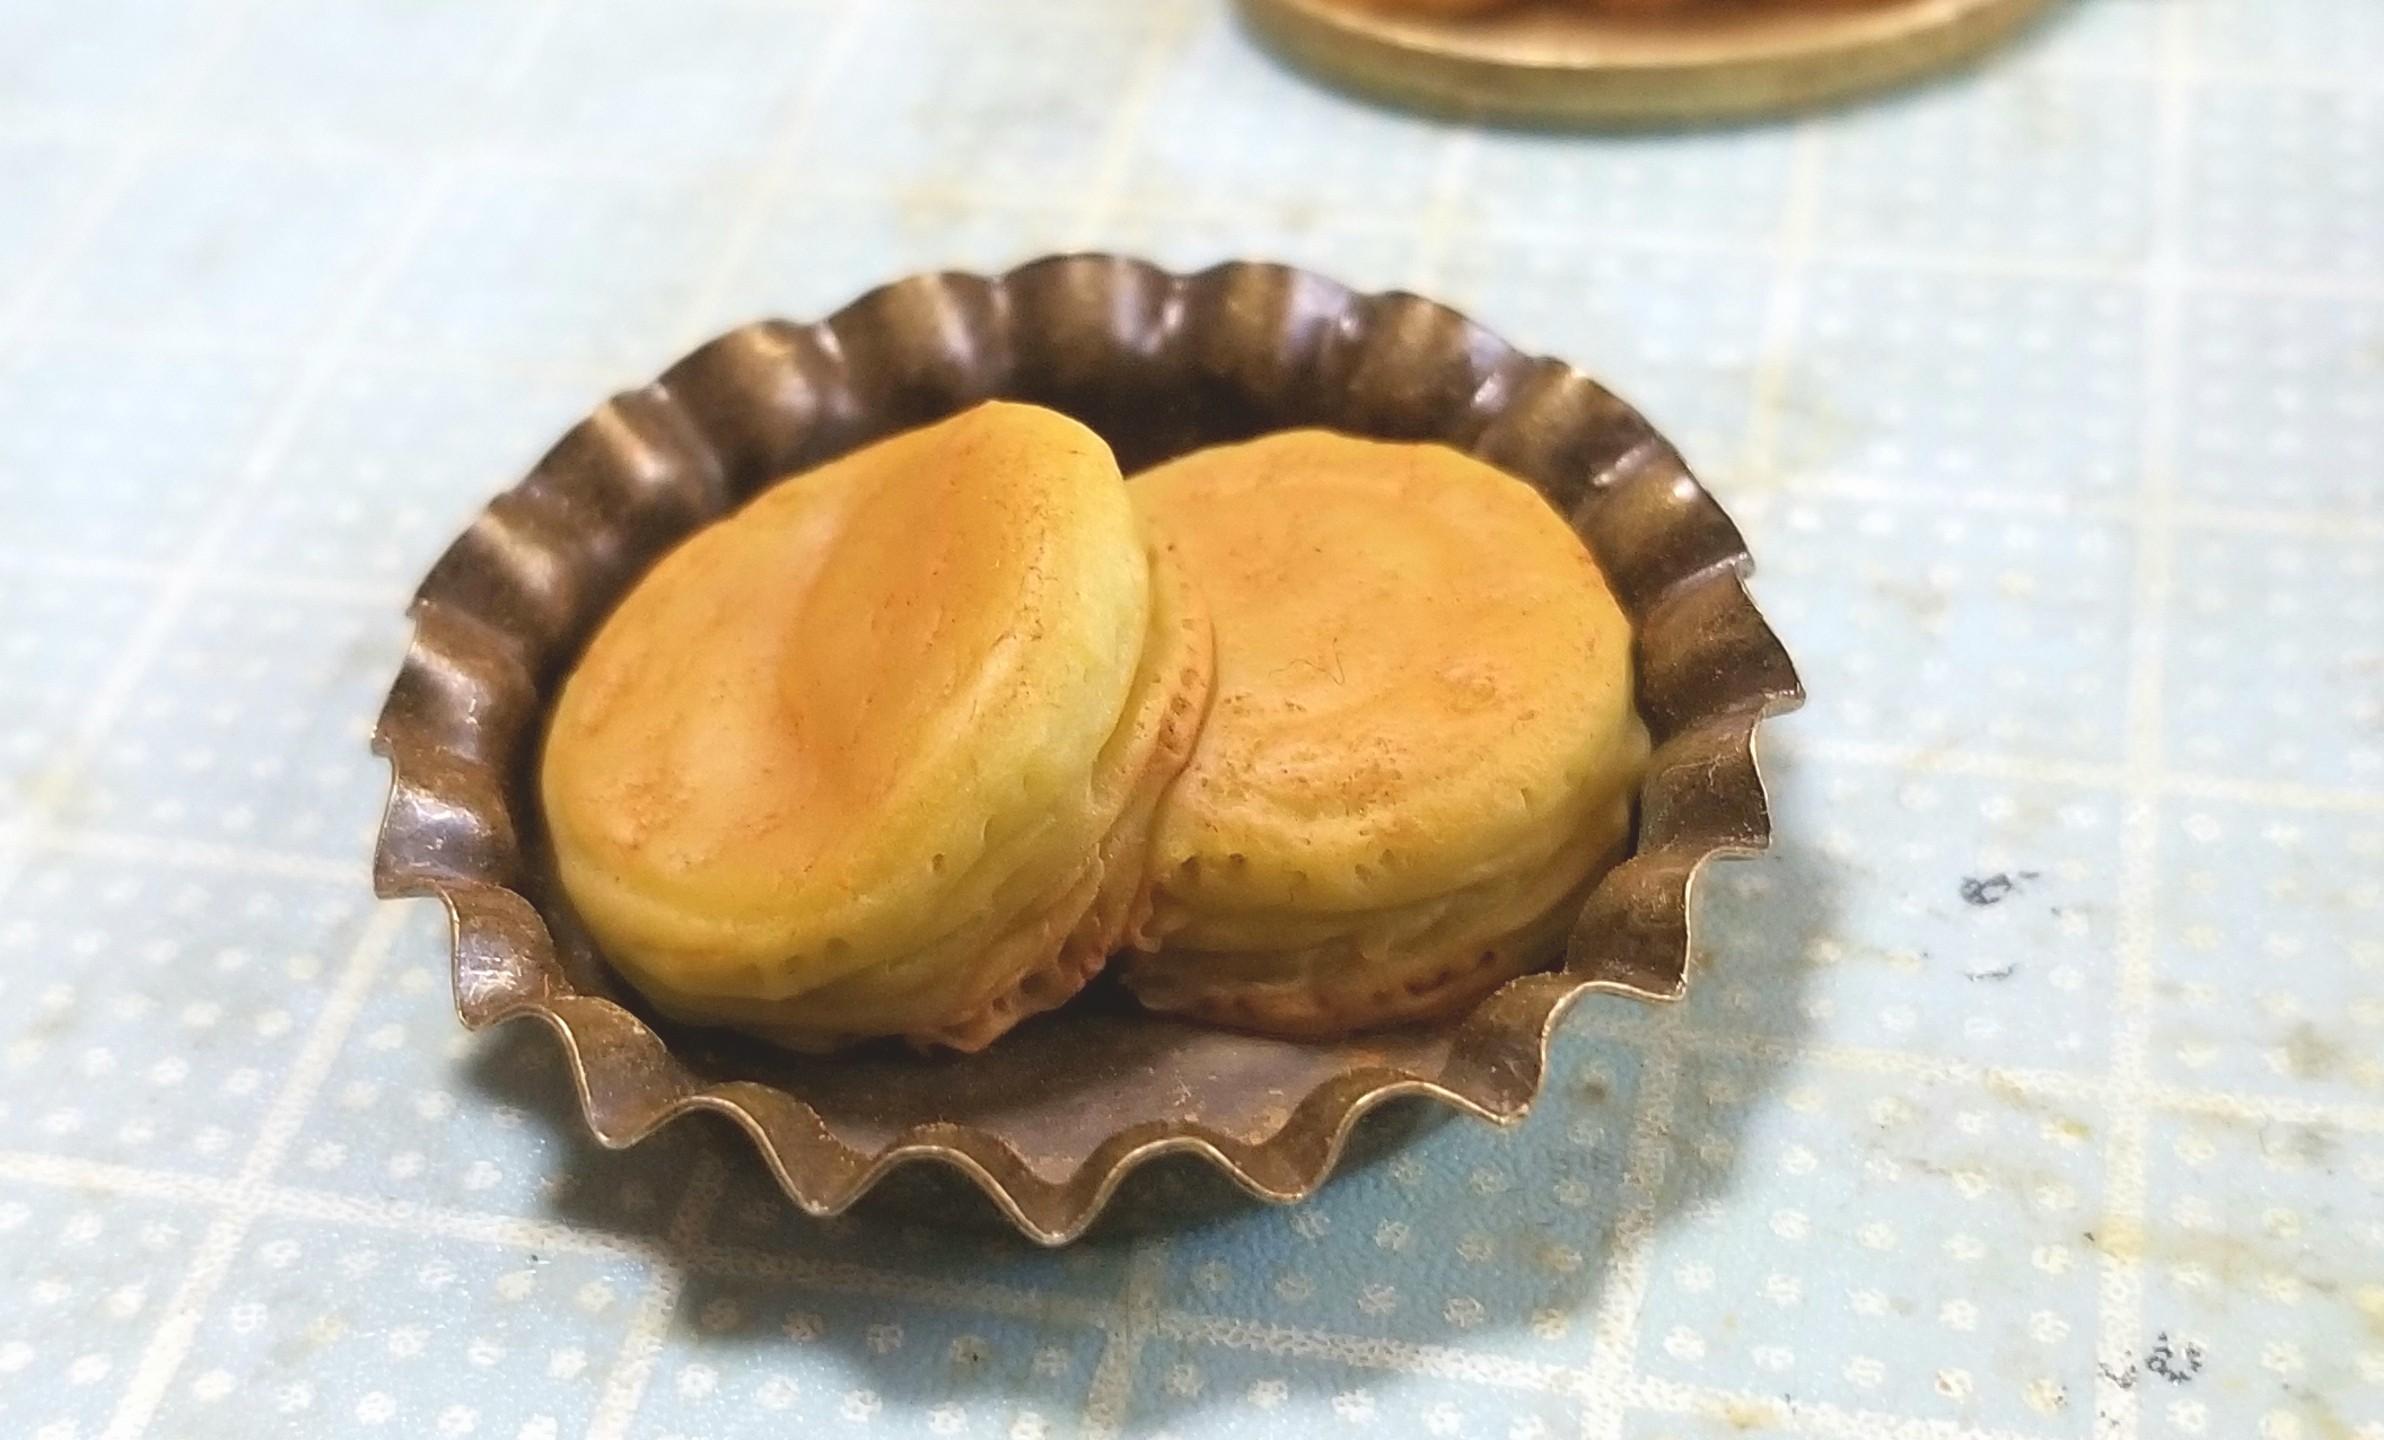 ホットケーキの作り方,ミニチュアフード,樹脂粘土,食品サンプル